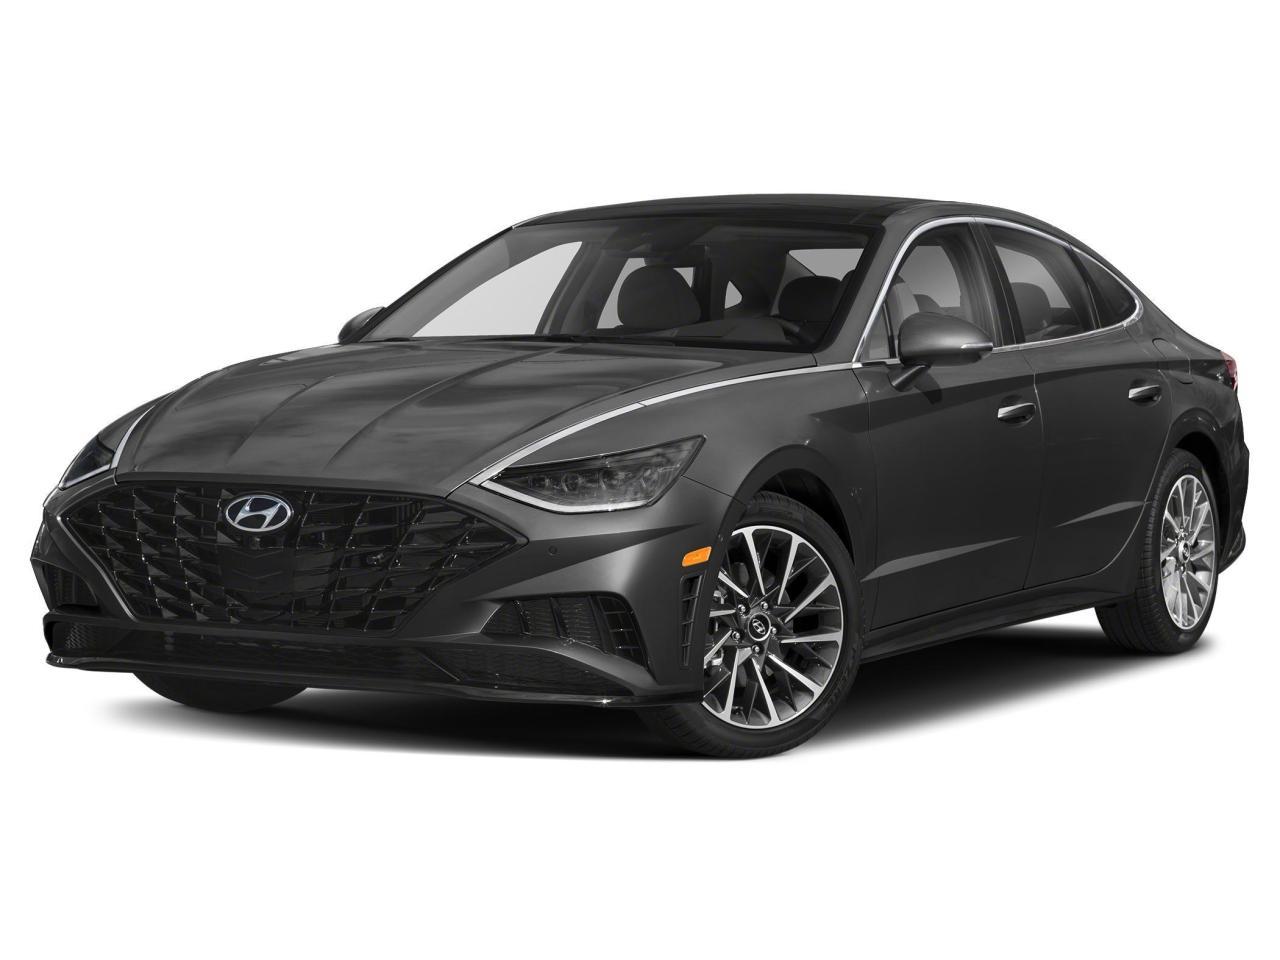 2021 Hyundai Sonata 1.6T ULTIMATE NO OPTIONS